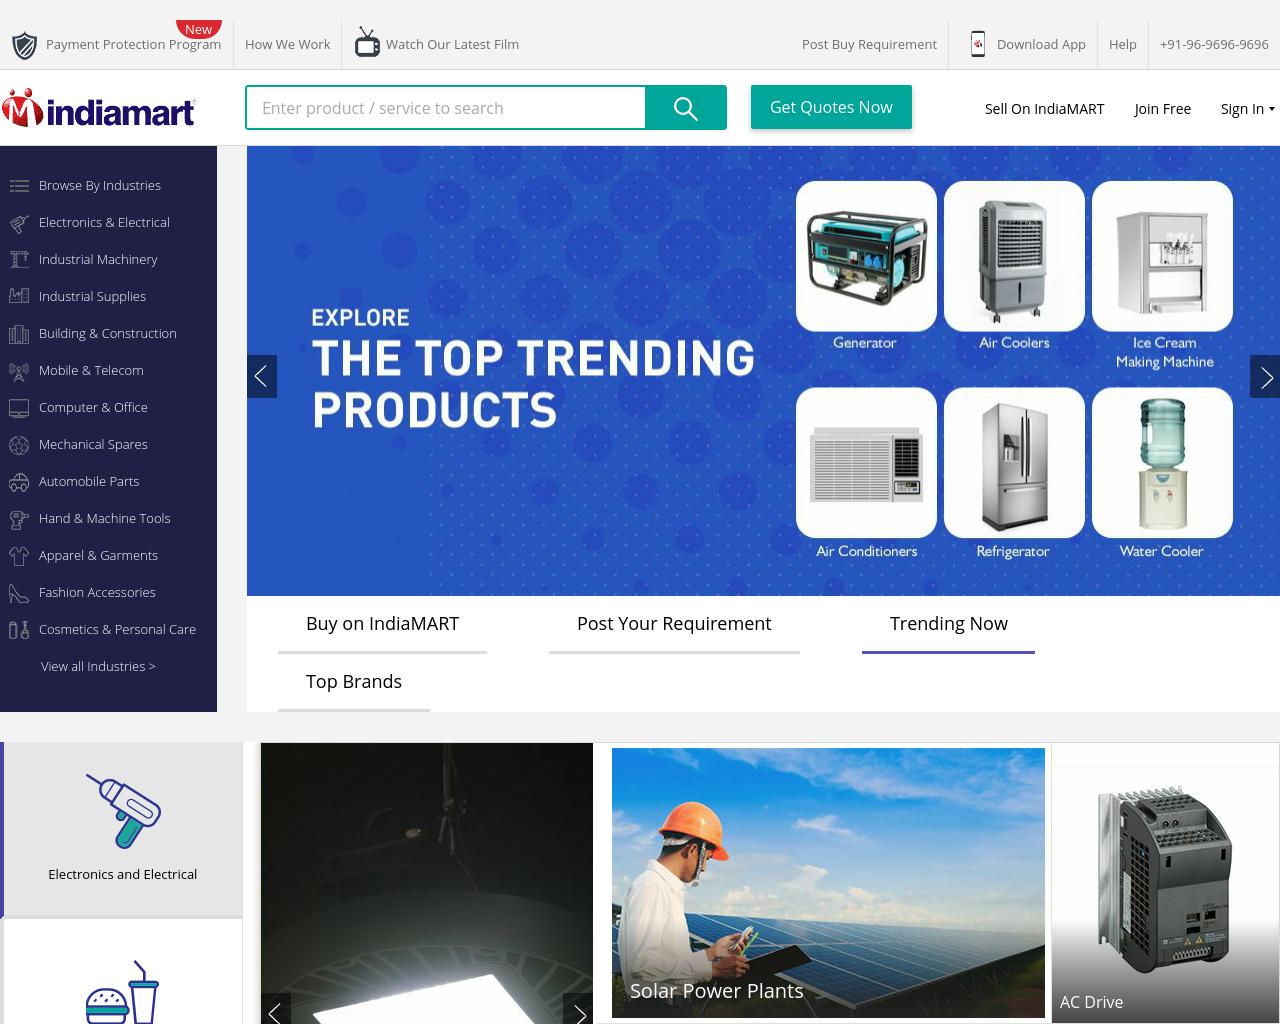 IndiaMART-Advertising-Reviews-Pricing